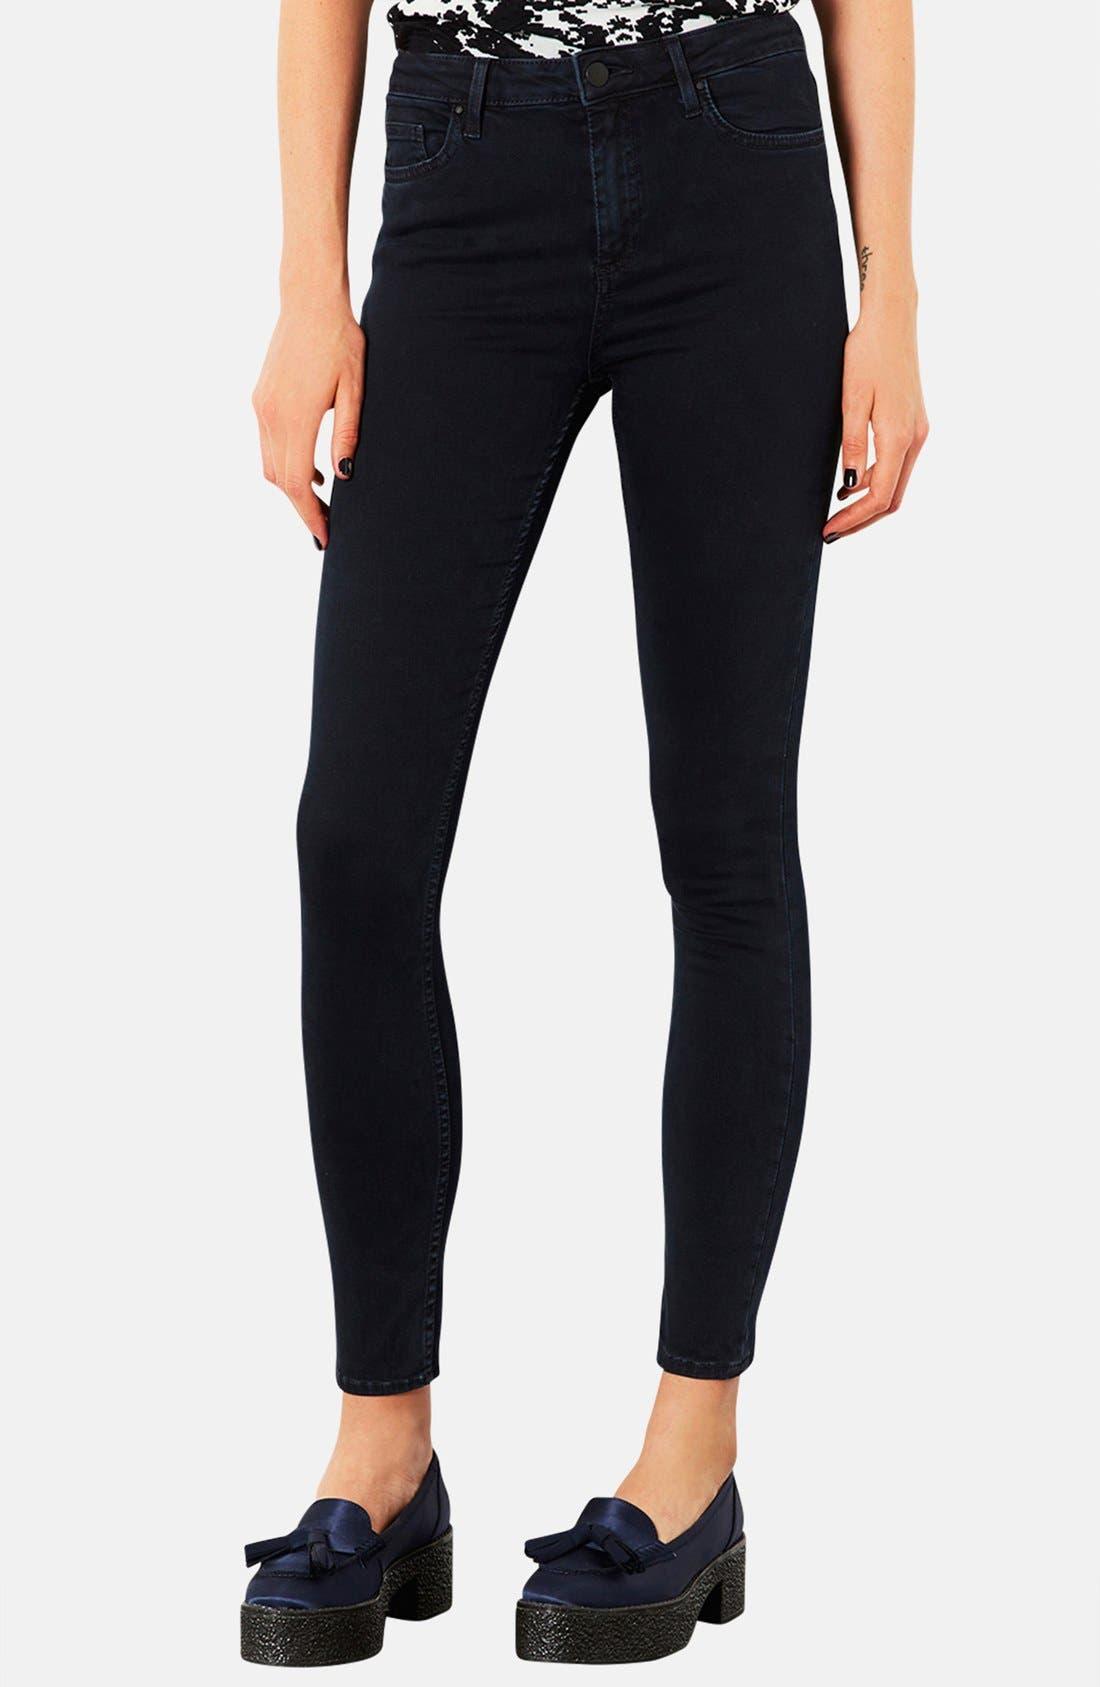 Alternate Image 1 Selected - Topshop Moto 'Jamie' High Rise Crop Skinny Jeans (Navy Blue)